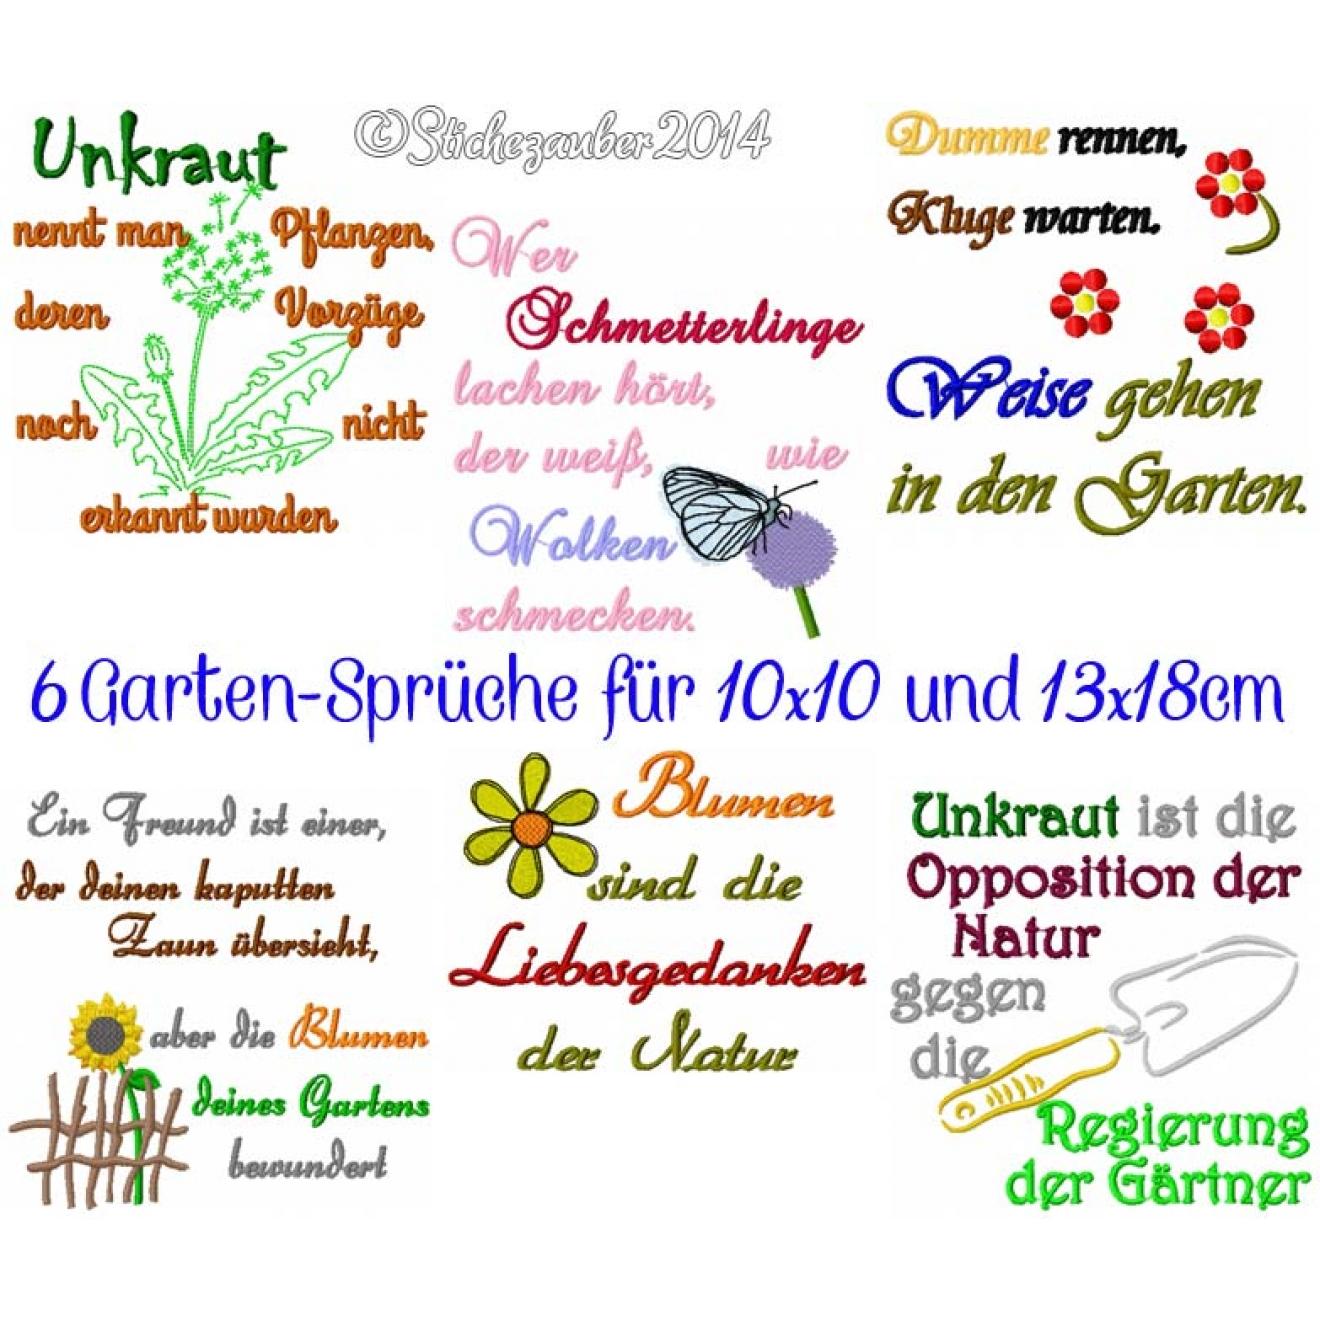 sprüche garten Garten Sprüche 10x10 und 13x18cm sprüche garten